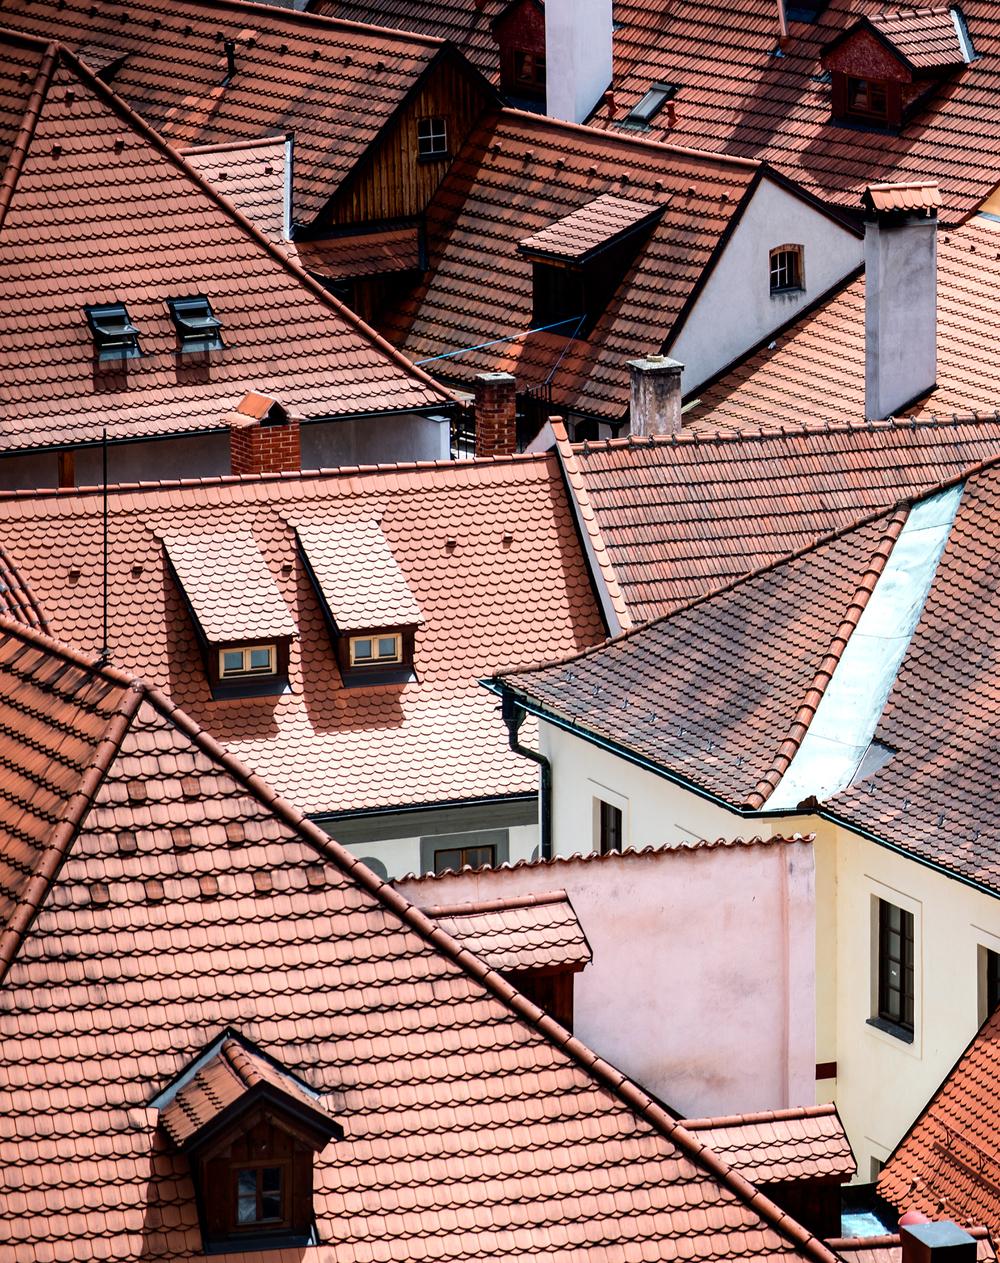 eichenwald_architecture_2.jpg